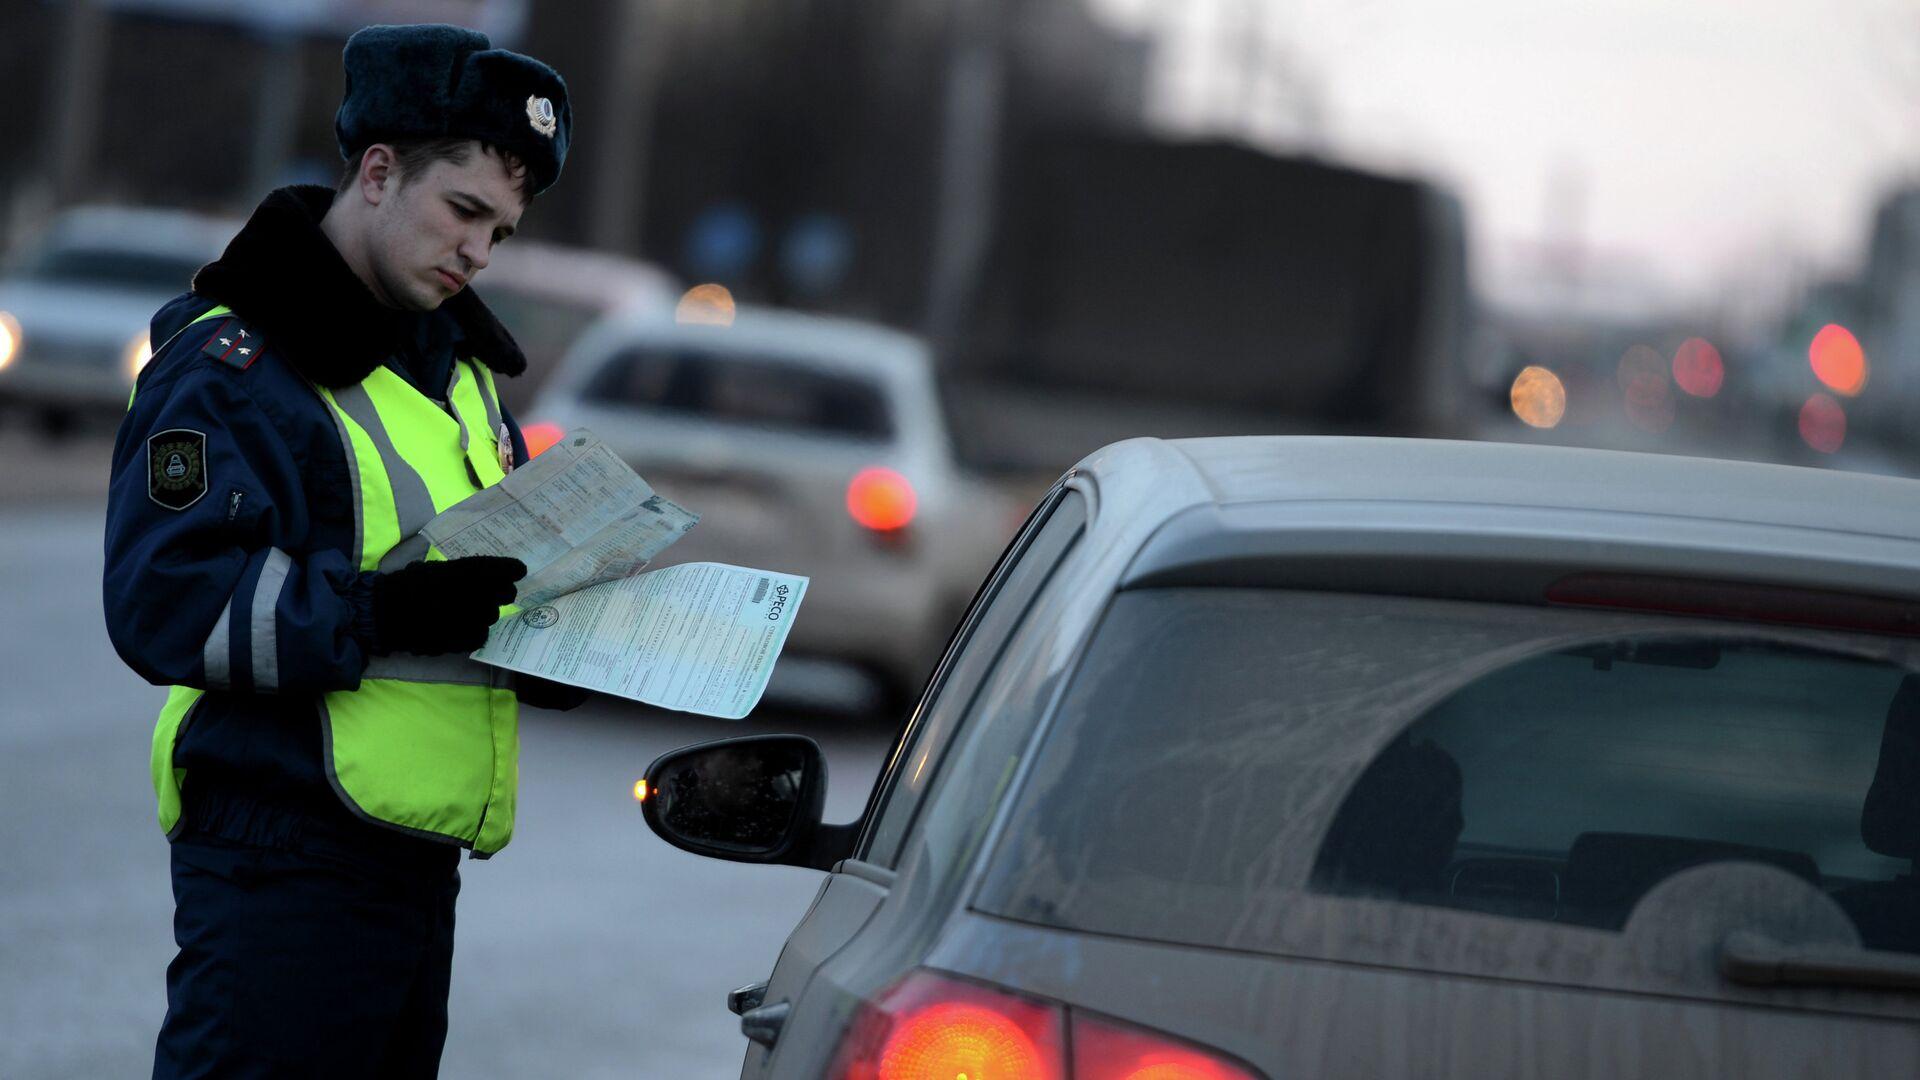 Сотрудник дорожно-патрульной службы ГИБДД проверяет документы у водителя автомобиля - РИА Новости, 1920, 06.01.2021